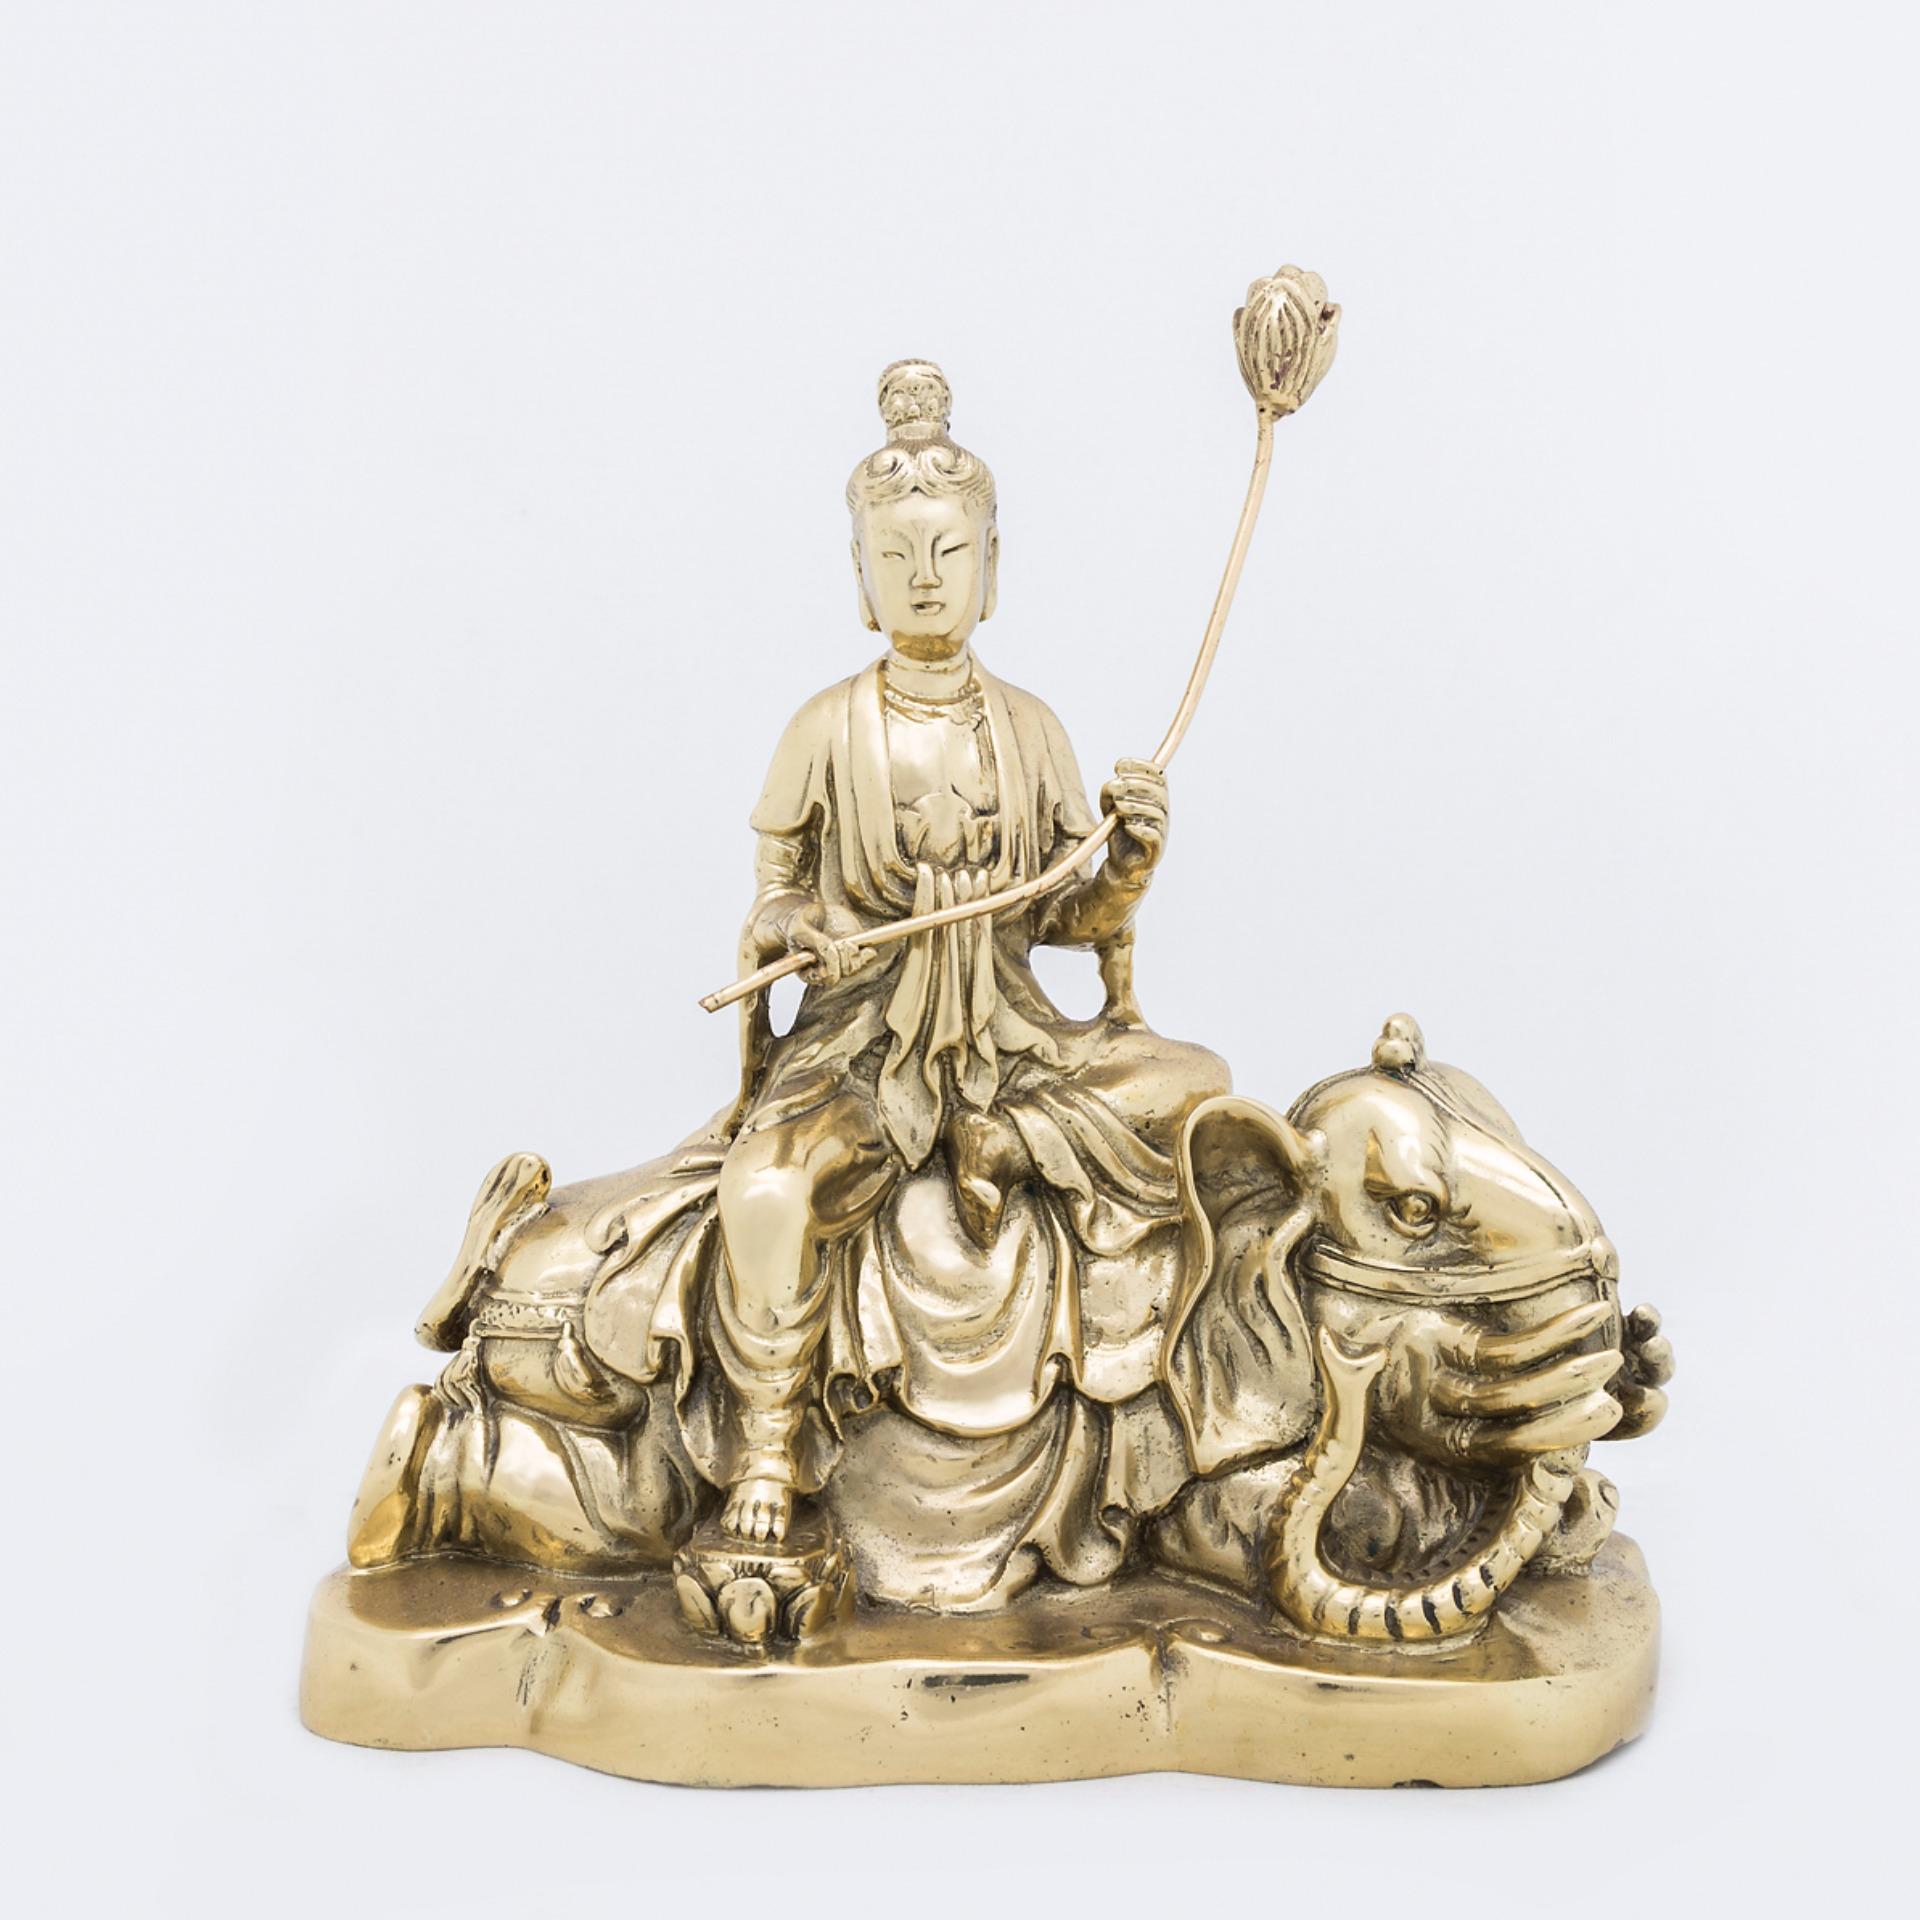 Phổ Hiền Bồ Tát ngồi Voi bằng Đồng màu Vàng